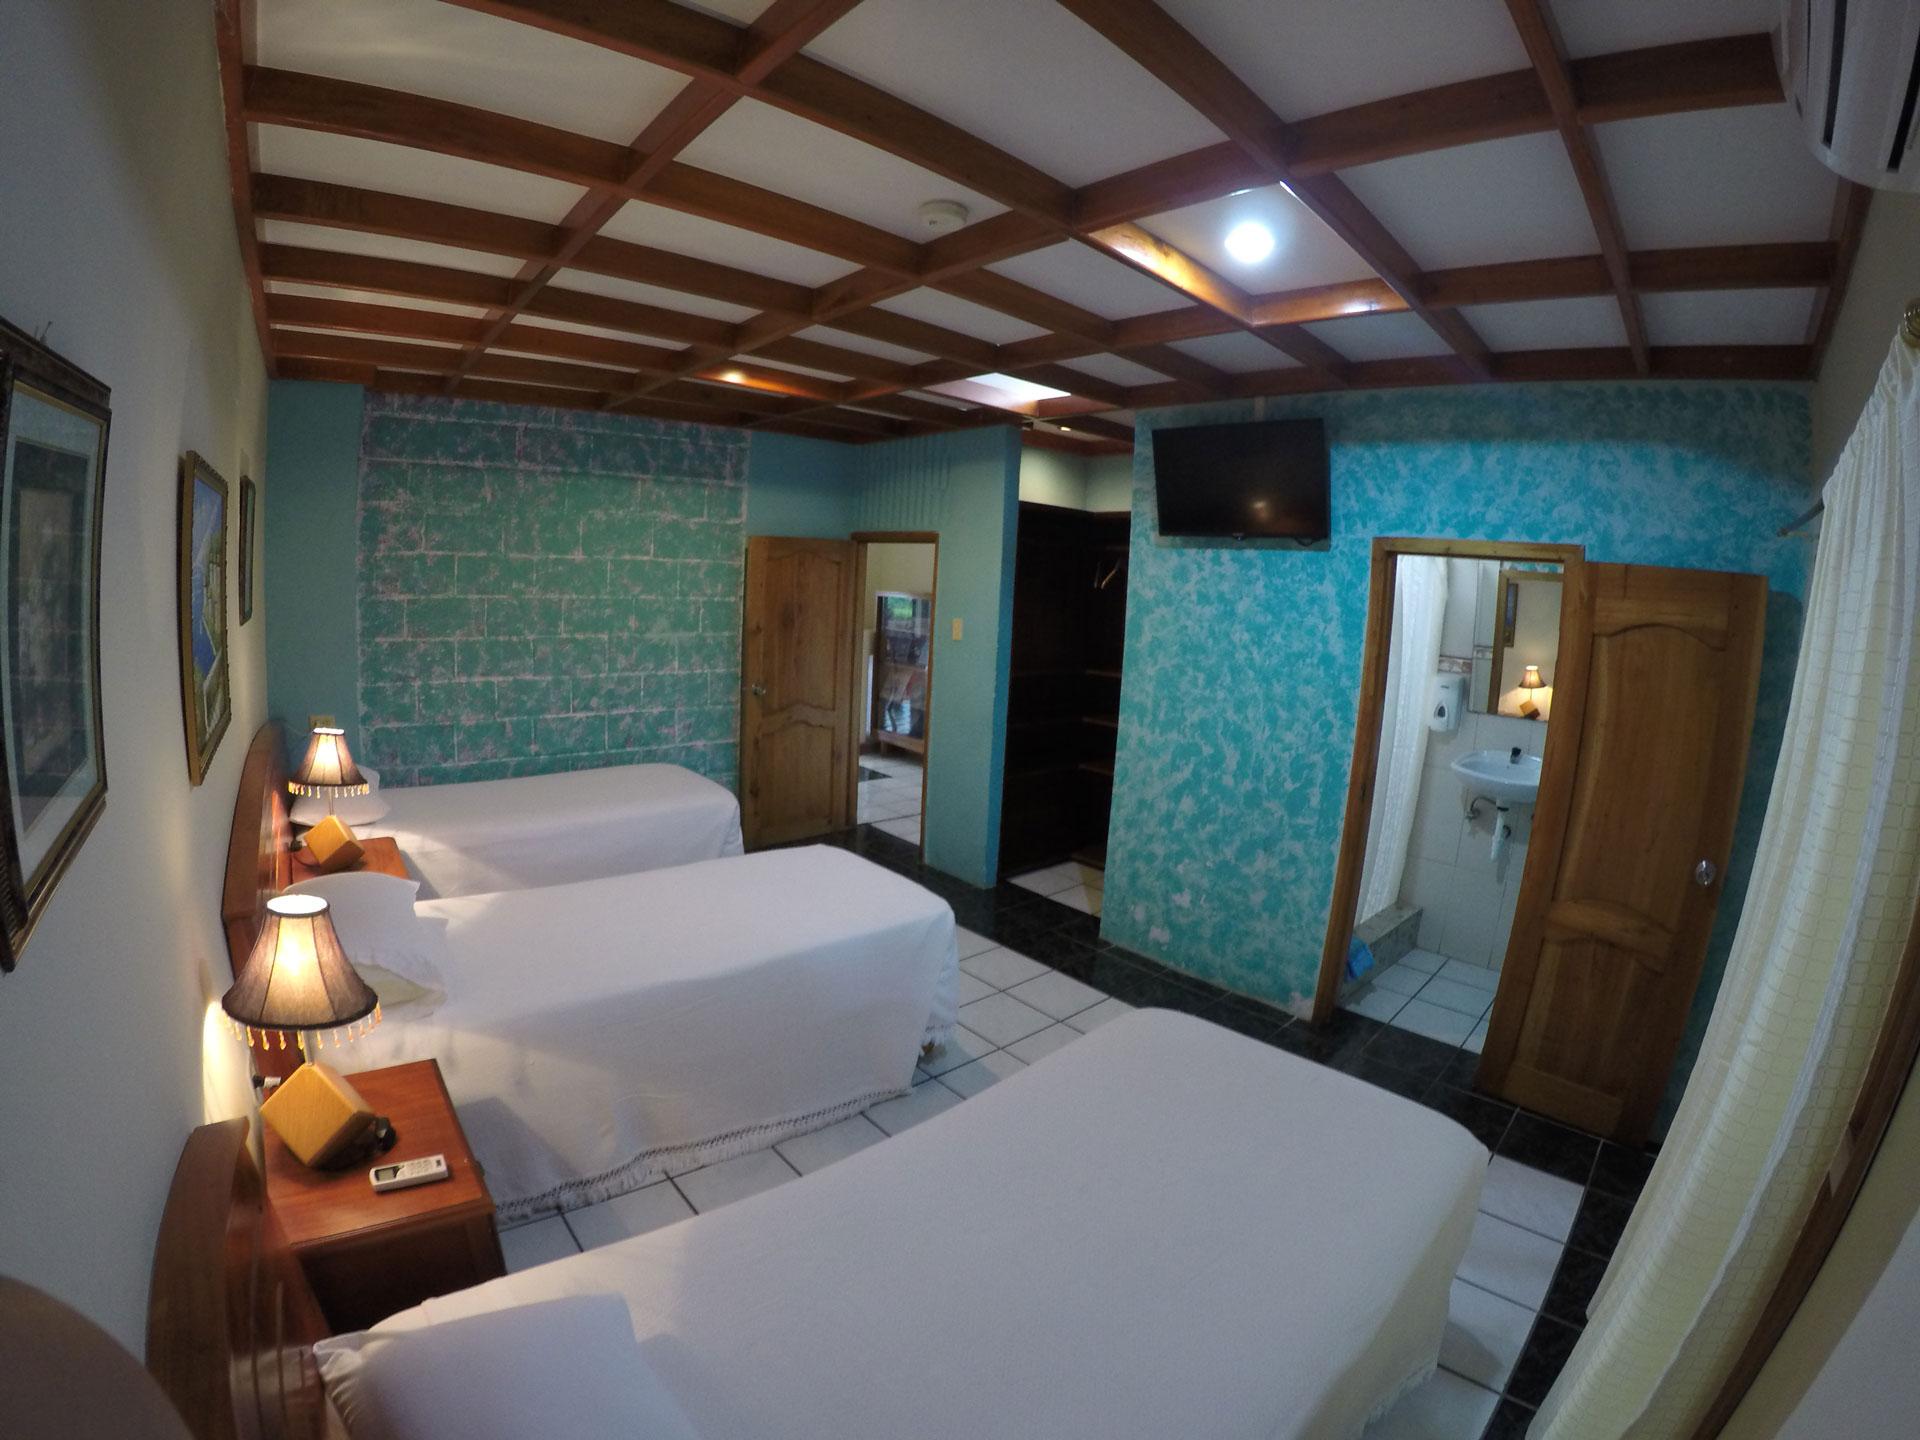 Our Triple Room – Galapagos B&B